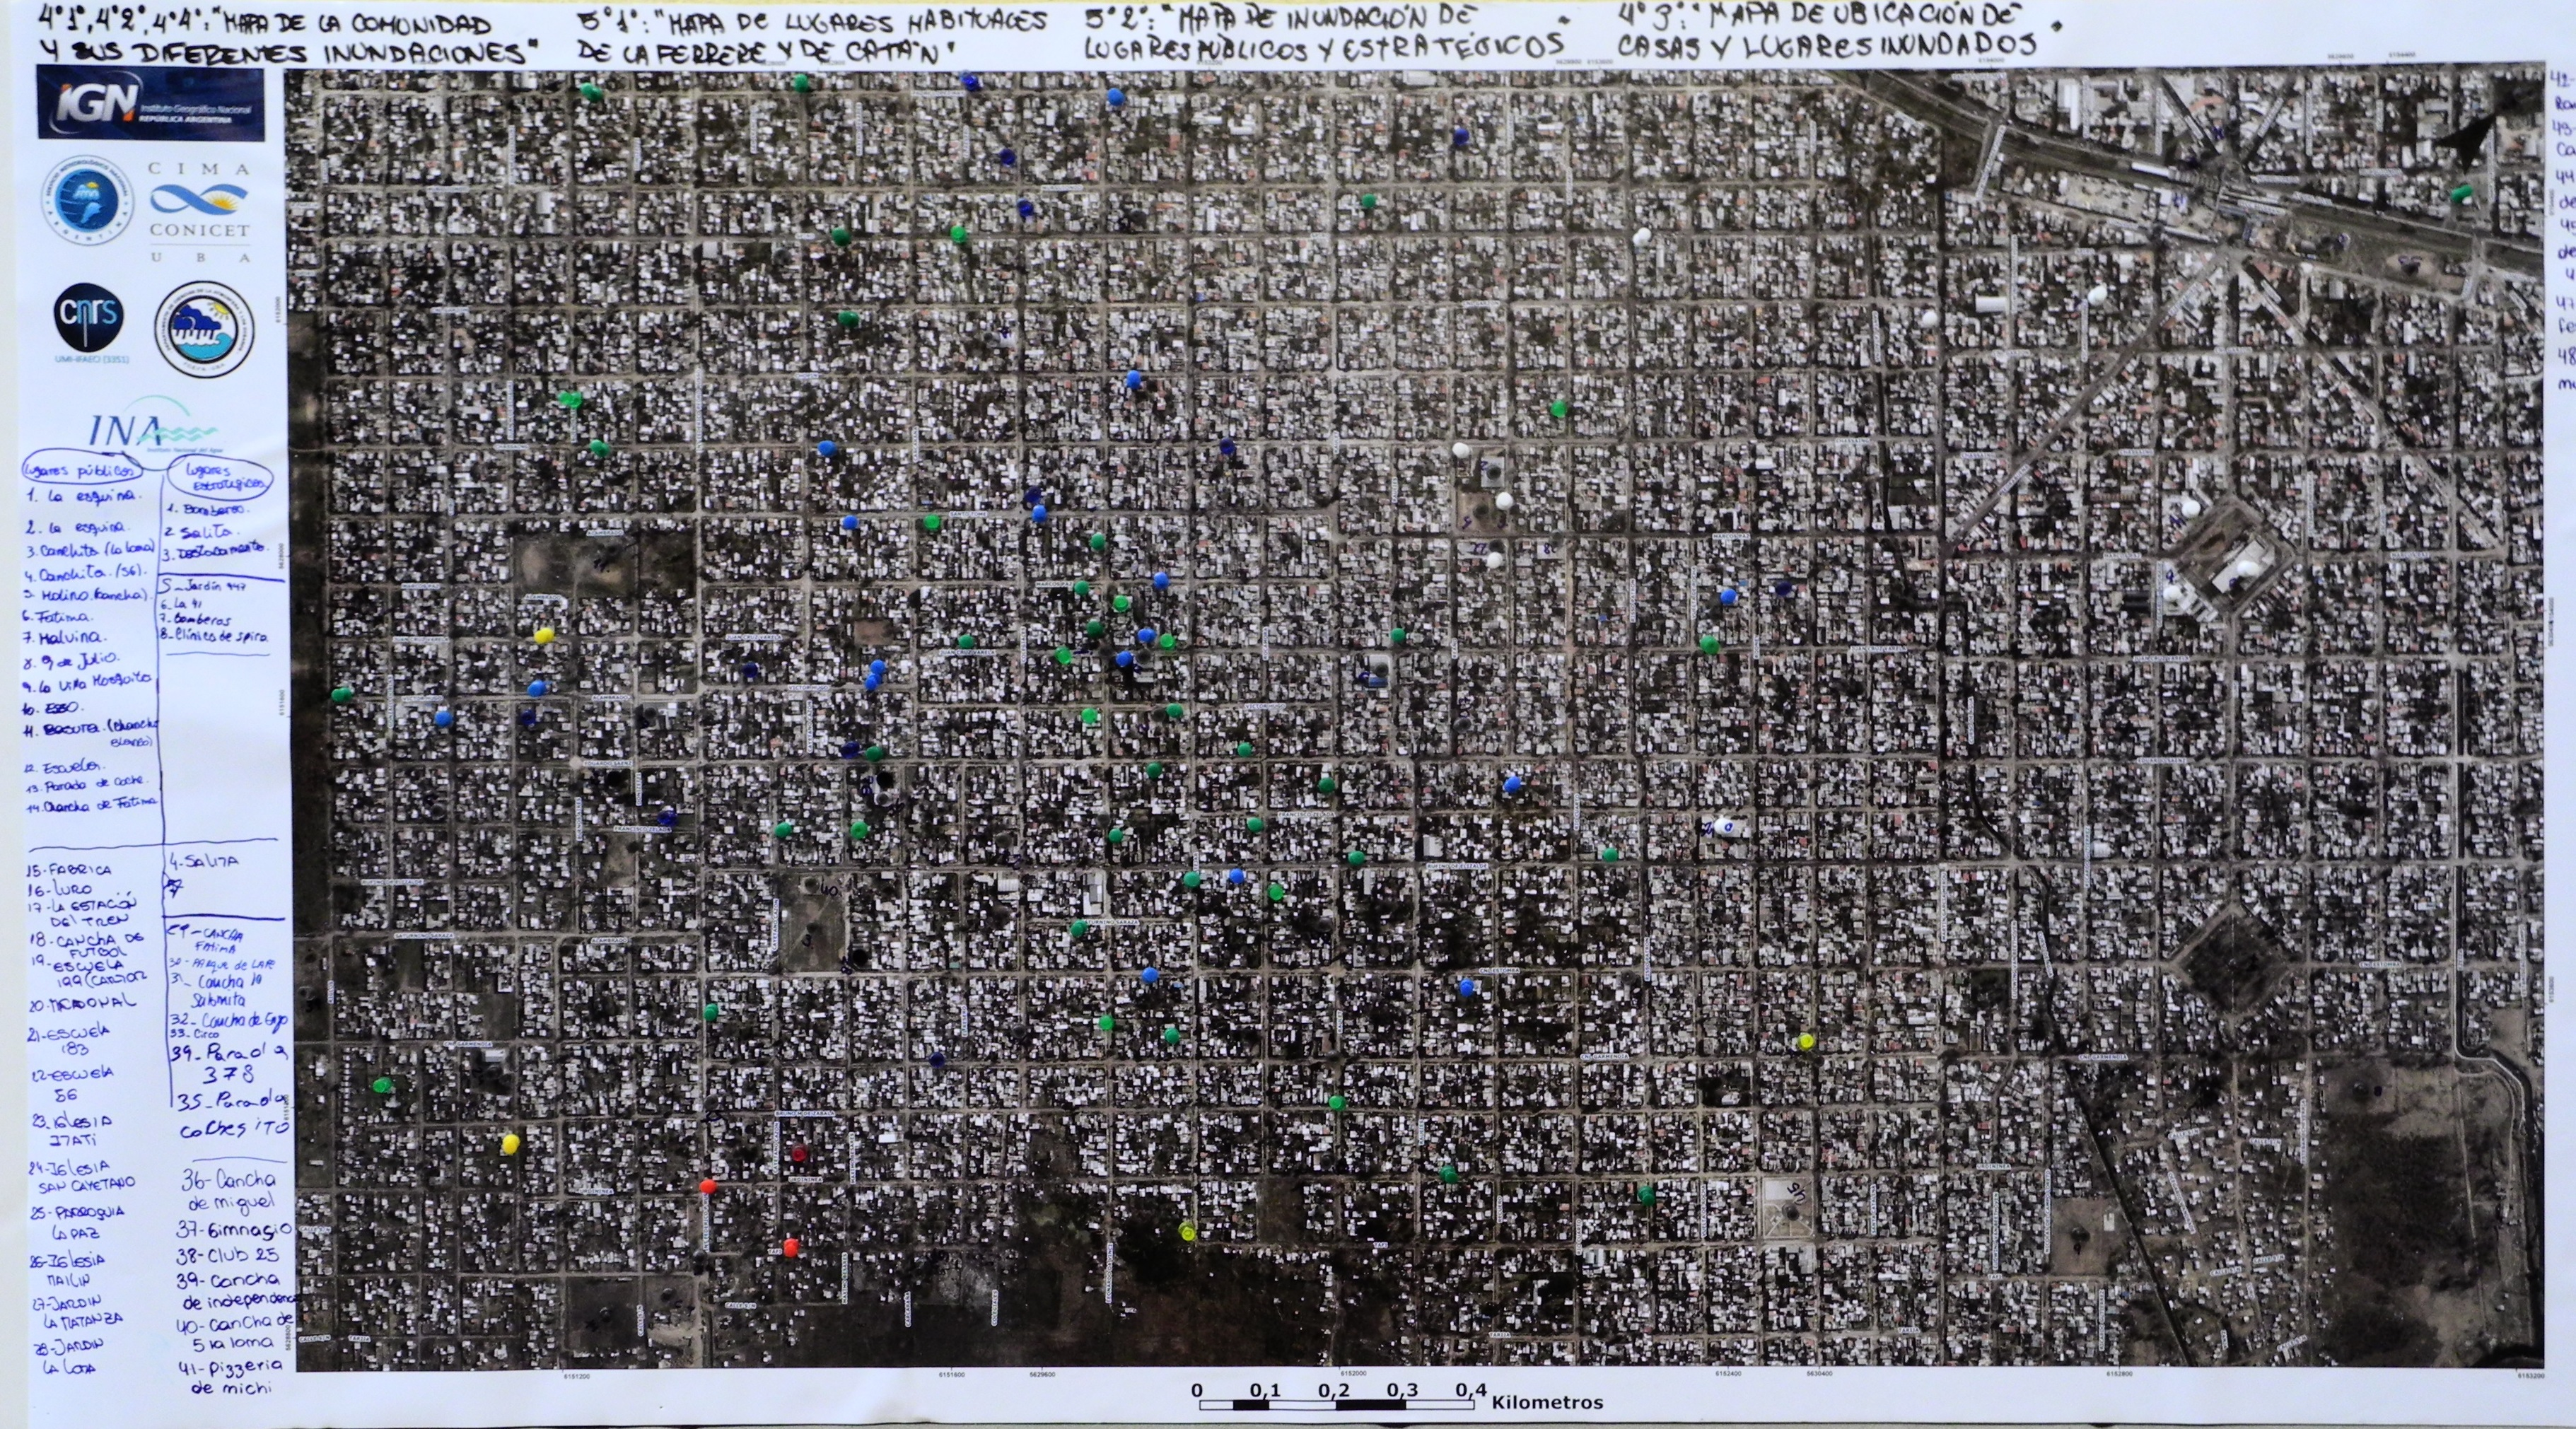 """""""Mapa de la comunidad y sus diferentes inundaciones"""" de la E.E.S n° 28 Prof. Juan C. Bruera, Gregorio de la Ferrere."""